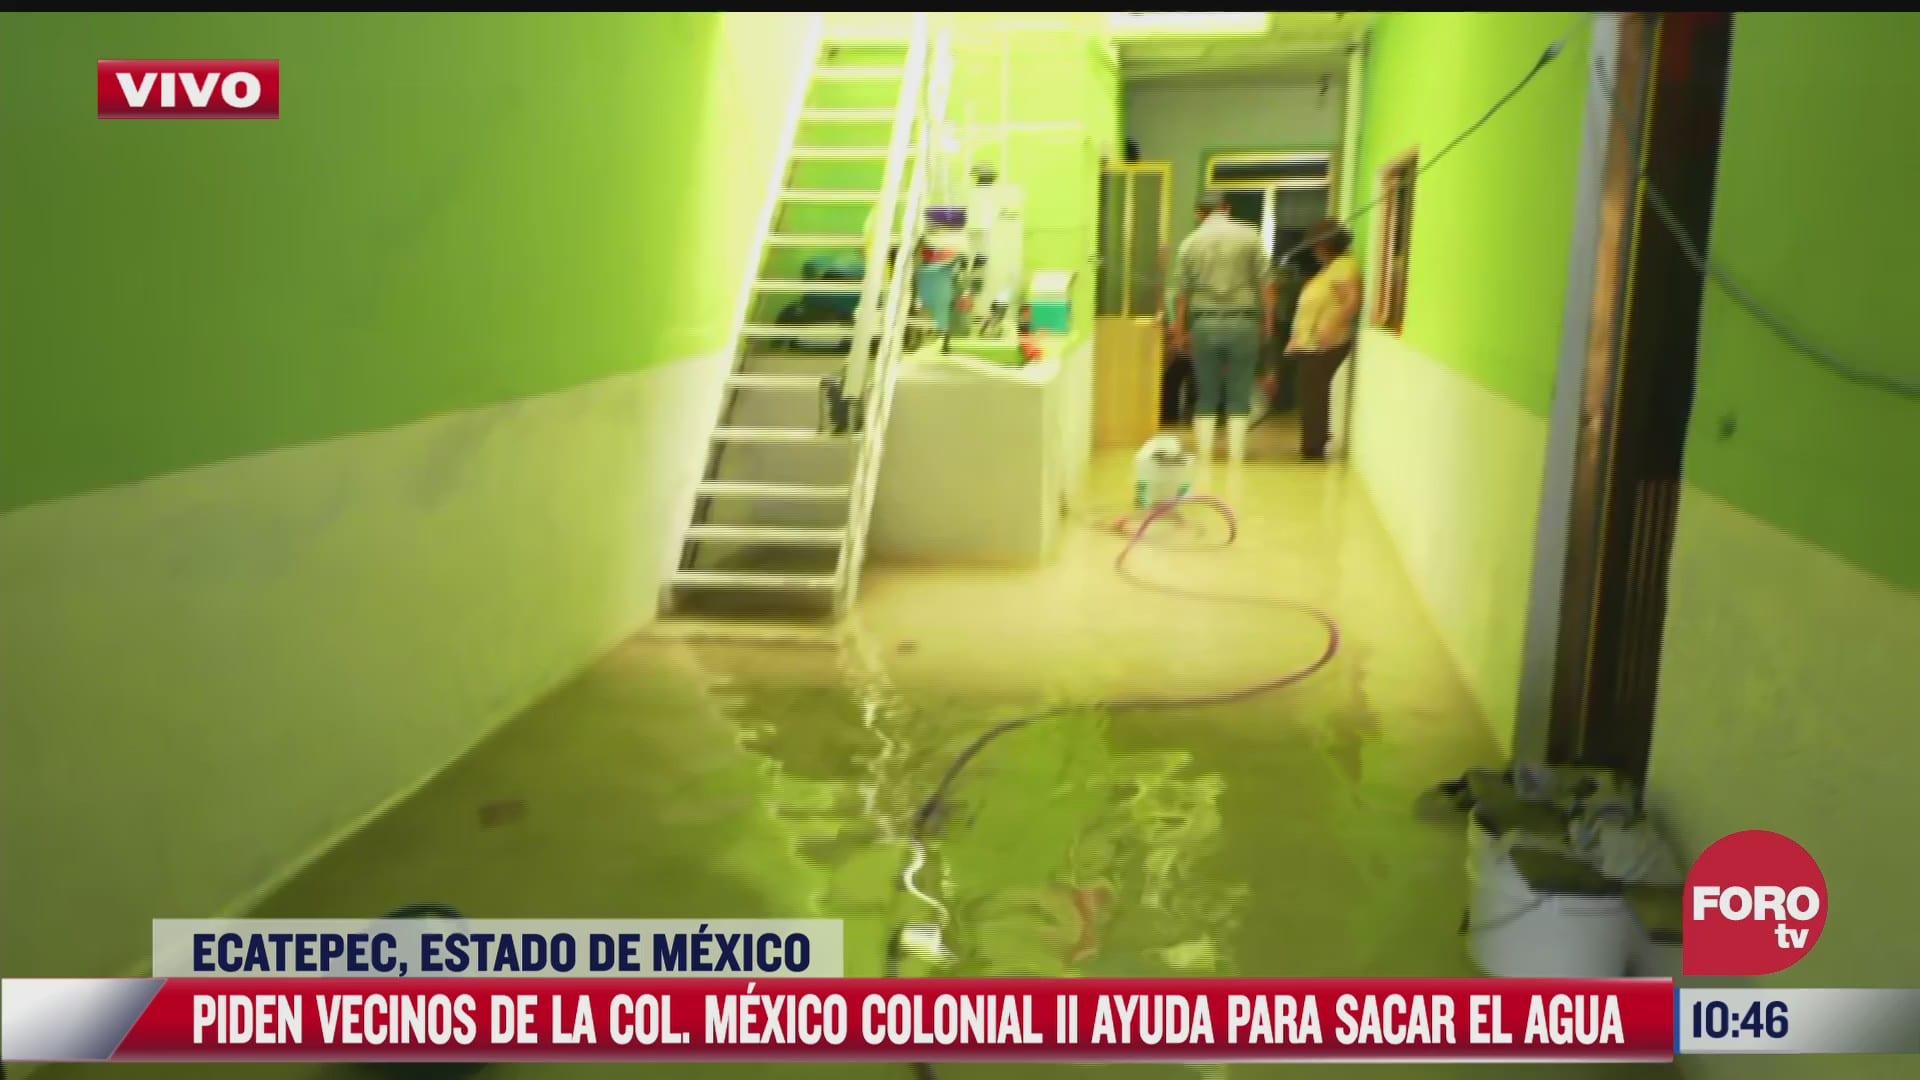 tenemos tres dias sacando el agua comenta afectada por inundaciones en estado de mexico